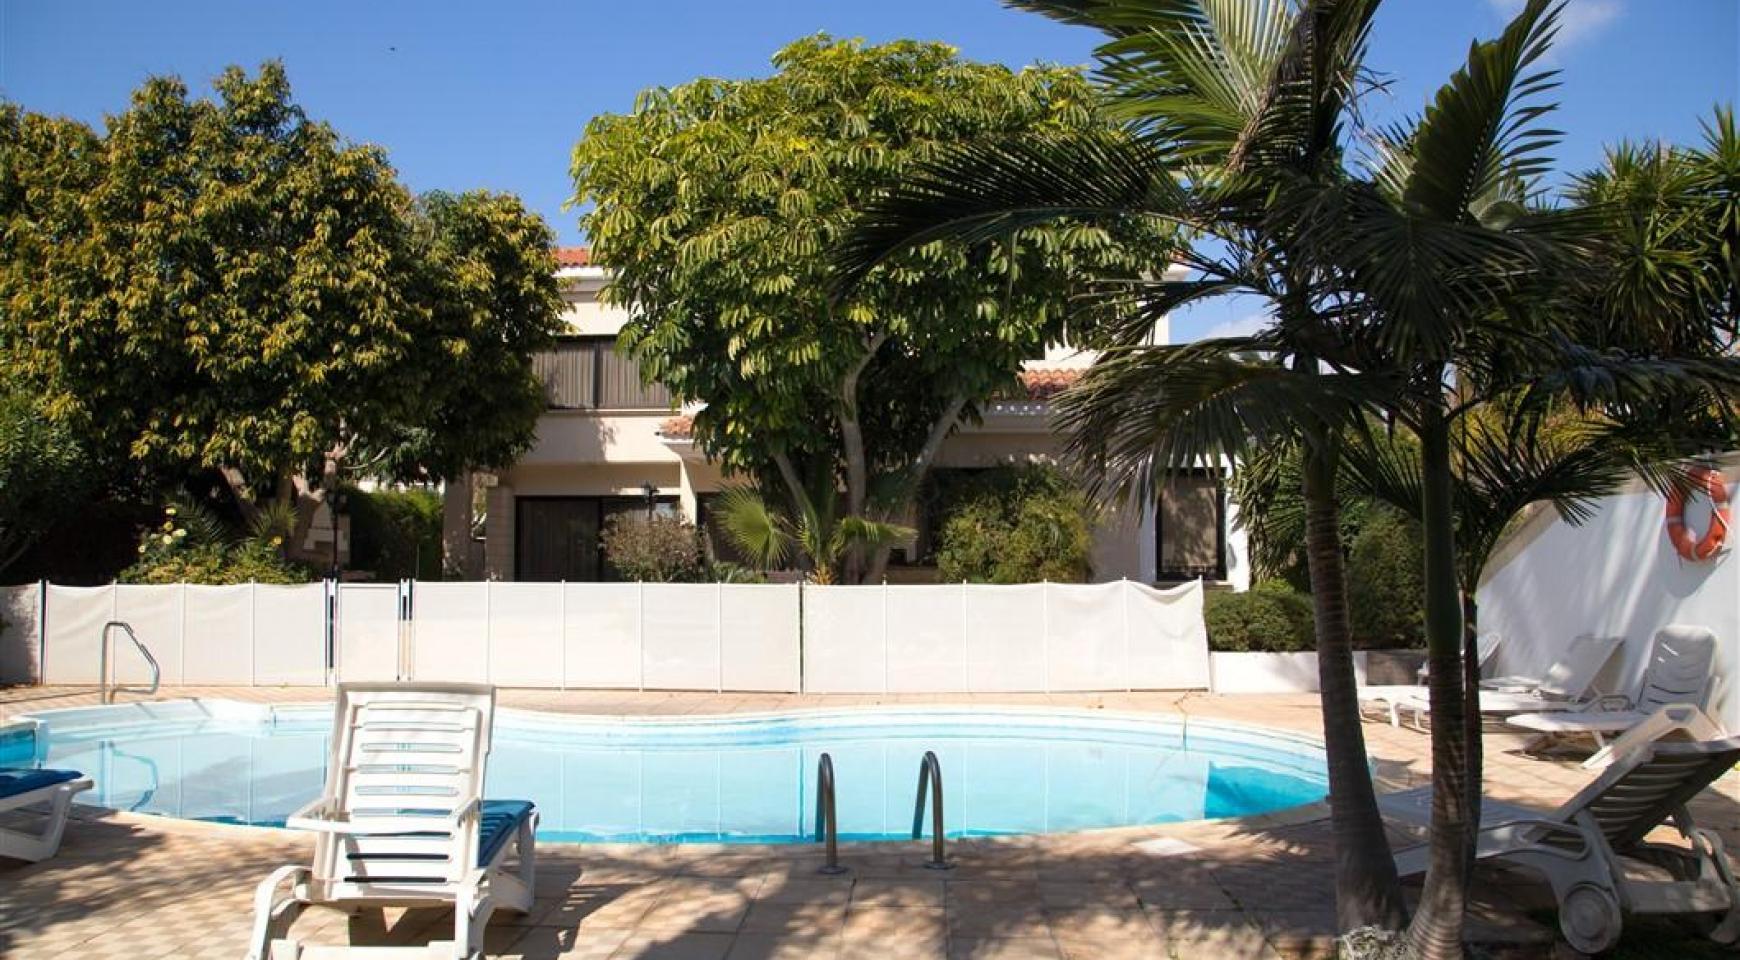 4 Bedroom Villa in Germasogeia Area - 6